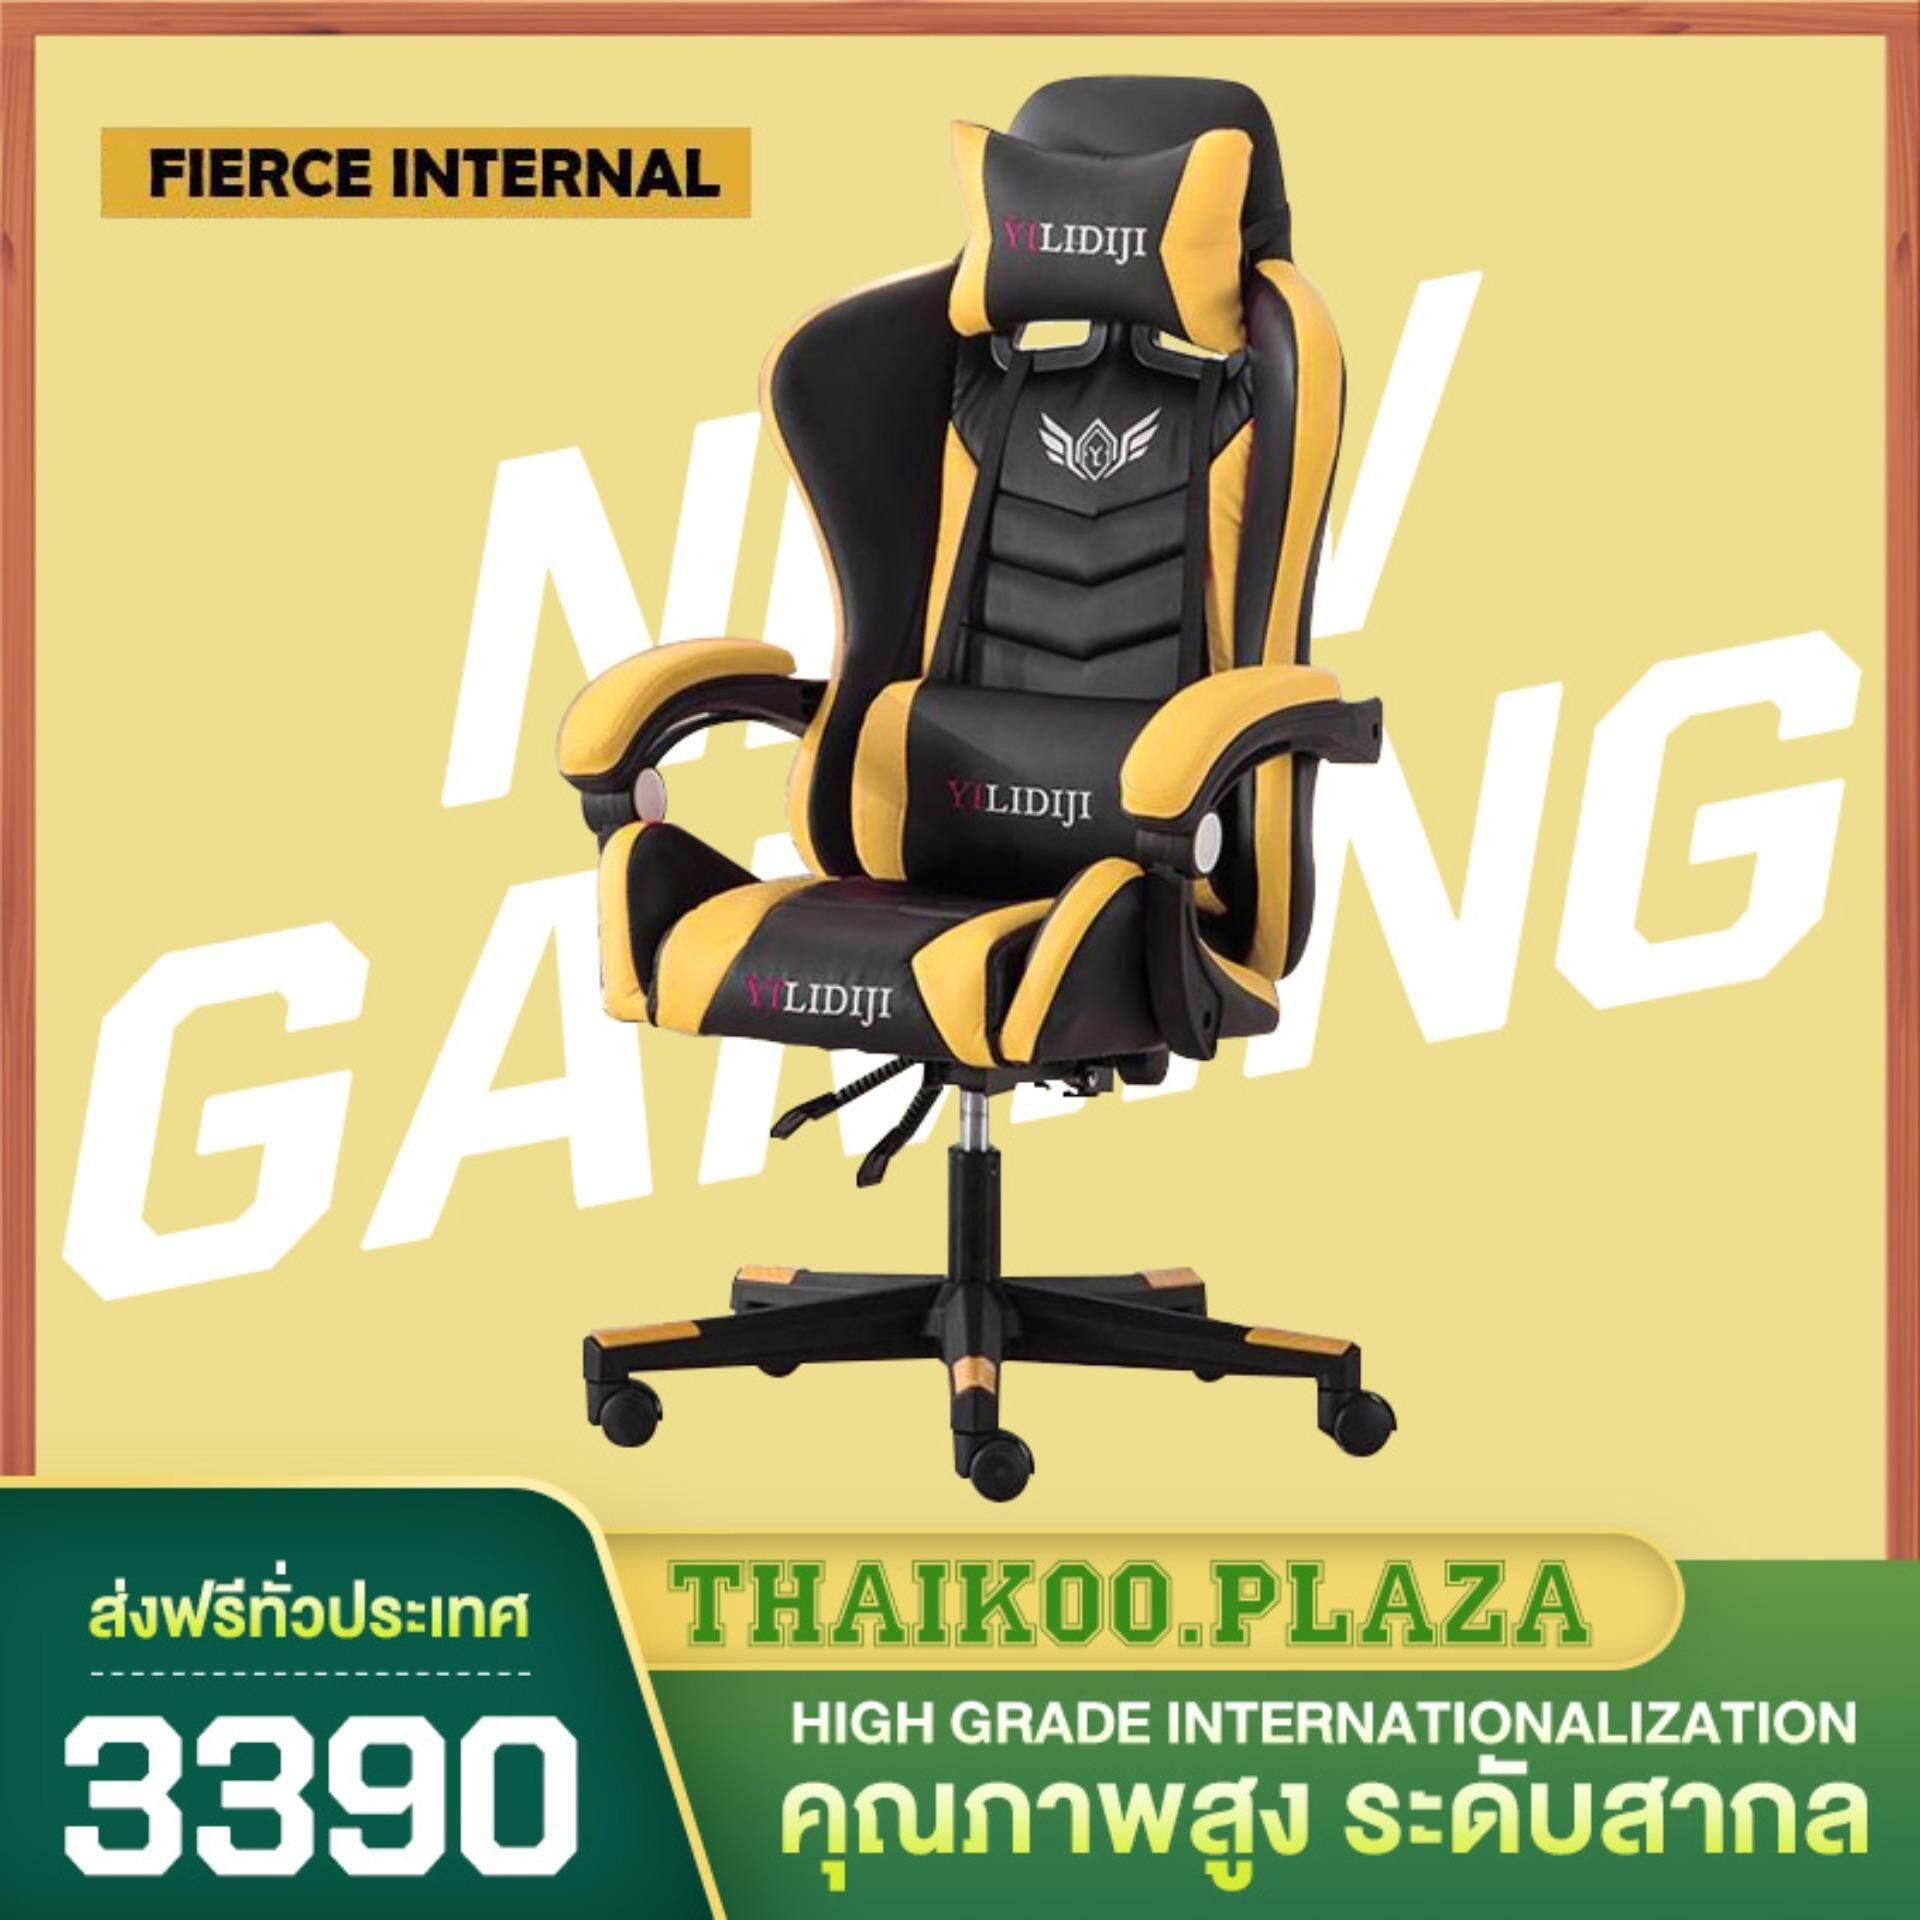 ยี่ห้อไหนดี  Thaikoo Plaza เก้าอี้เล่นเกม เก้าอี้เกมมิ่ง Gaming Chair ปรับความสูงได้ มีที่นวดในตัว รุ่น